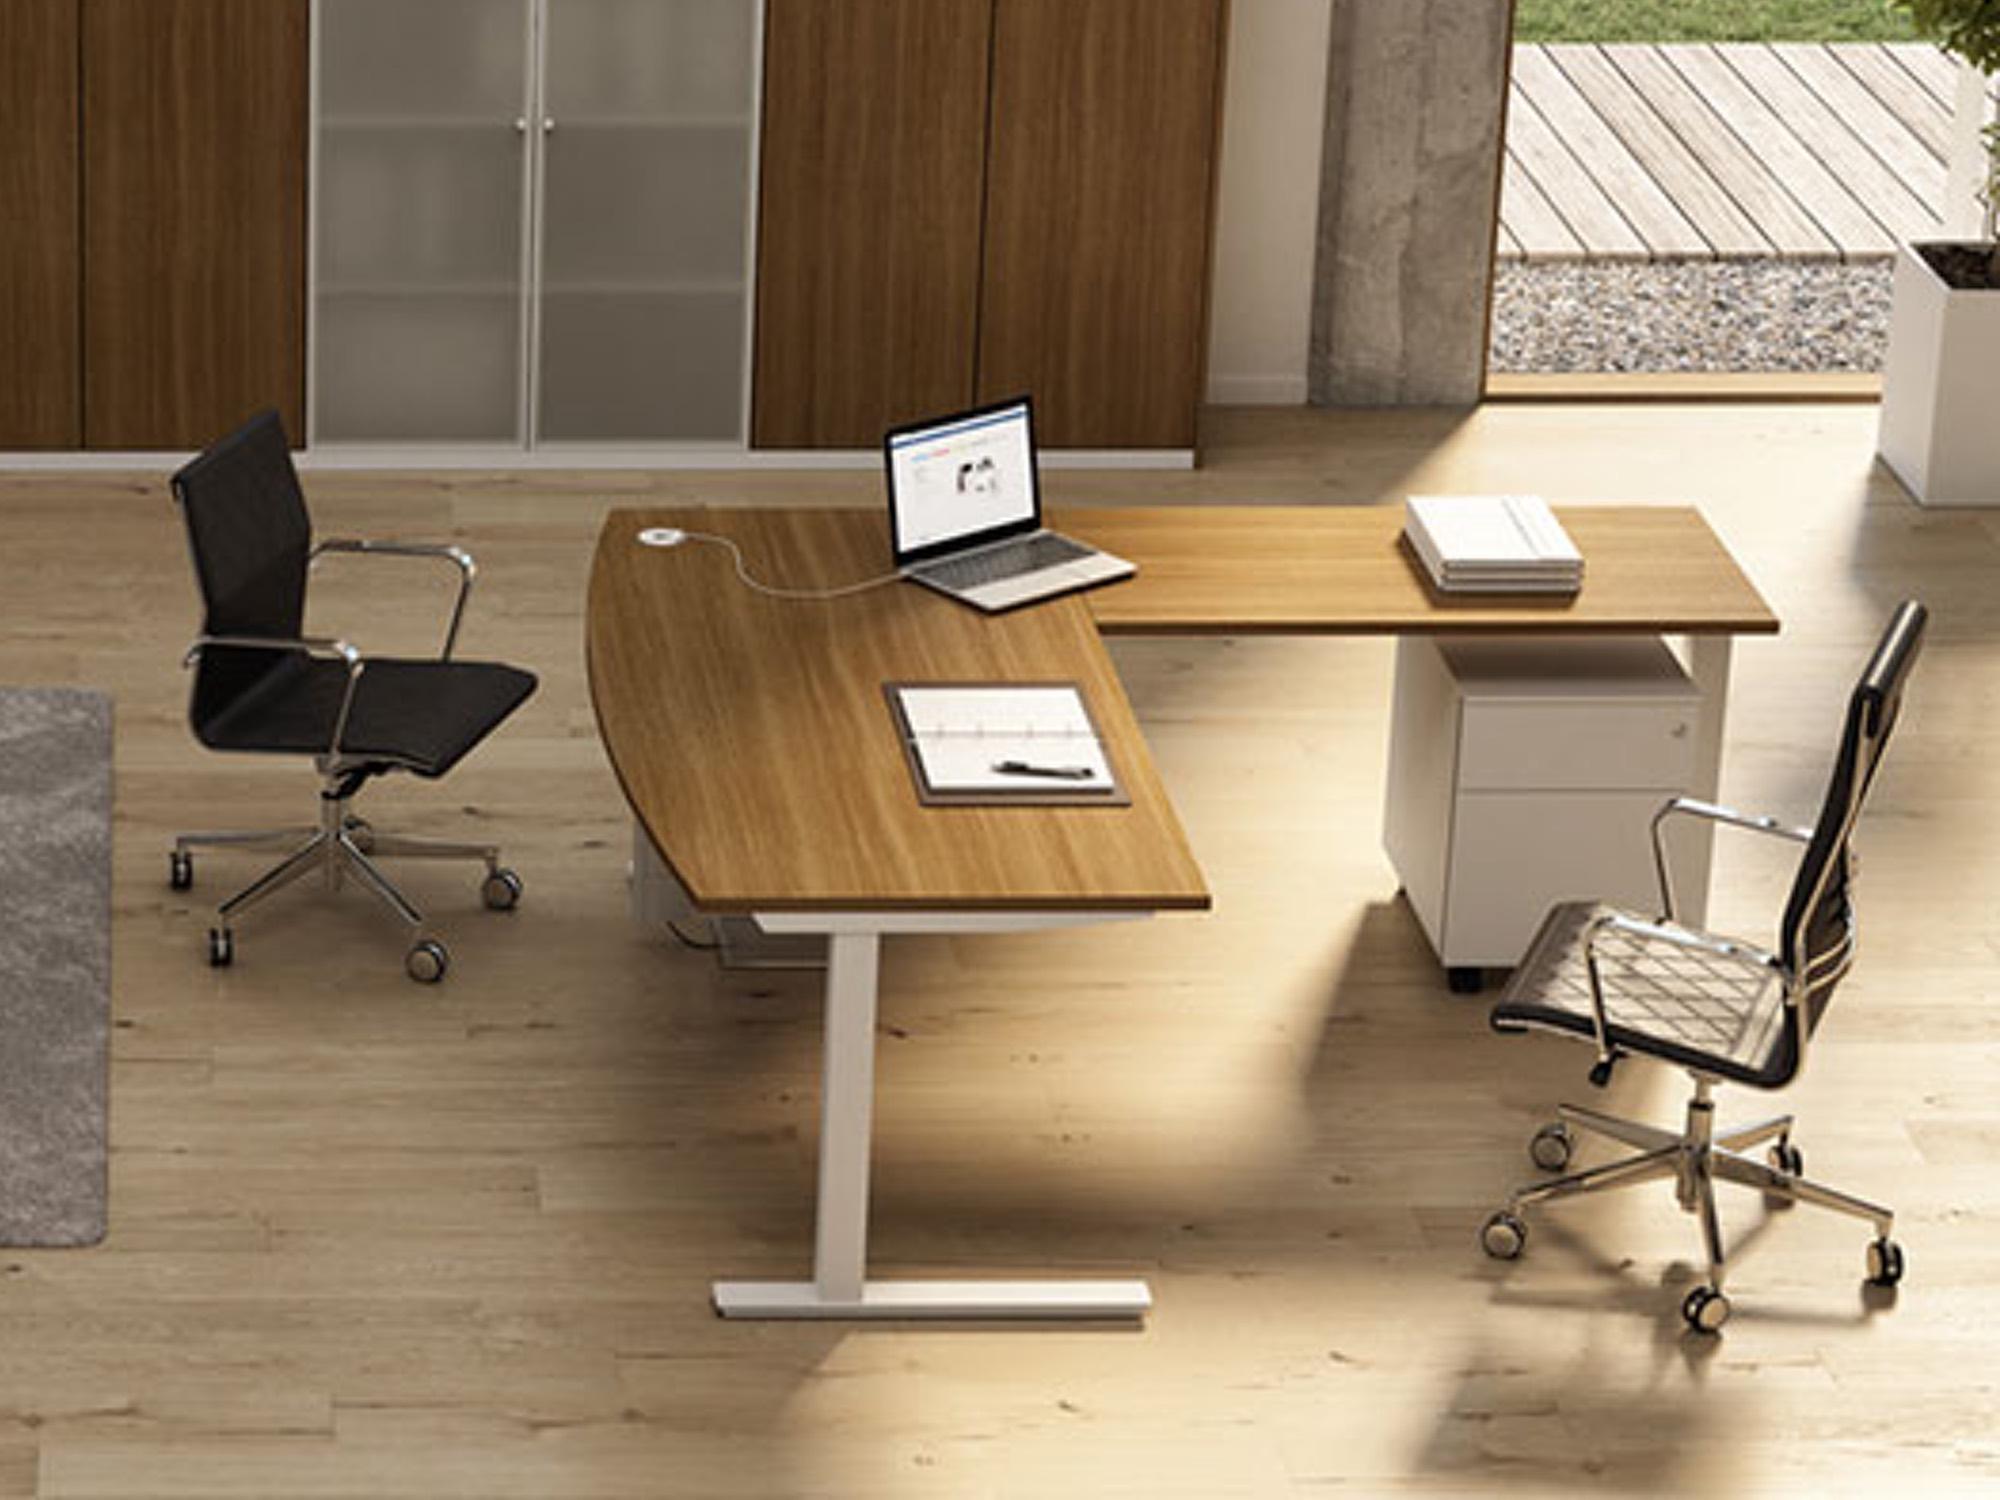 bralco winglet eckschreibtisch fix mit c fu eckschreibtische arbeitsplatz b rotische. Black Bedroom Furniture Sets. Home Design Ideas